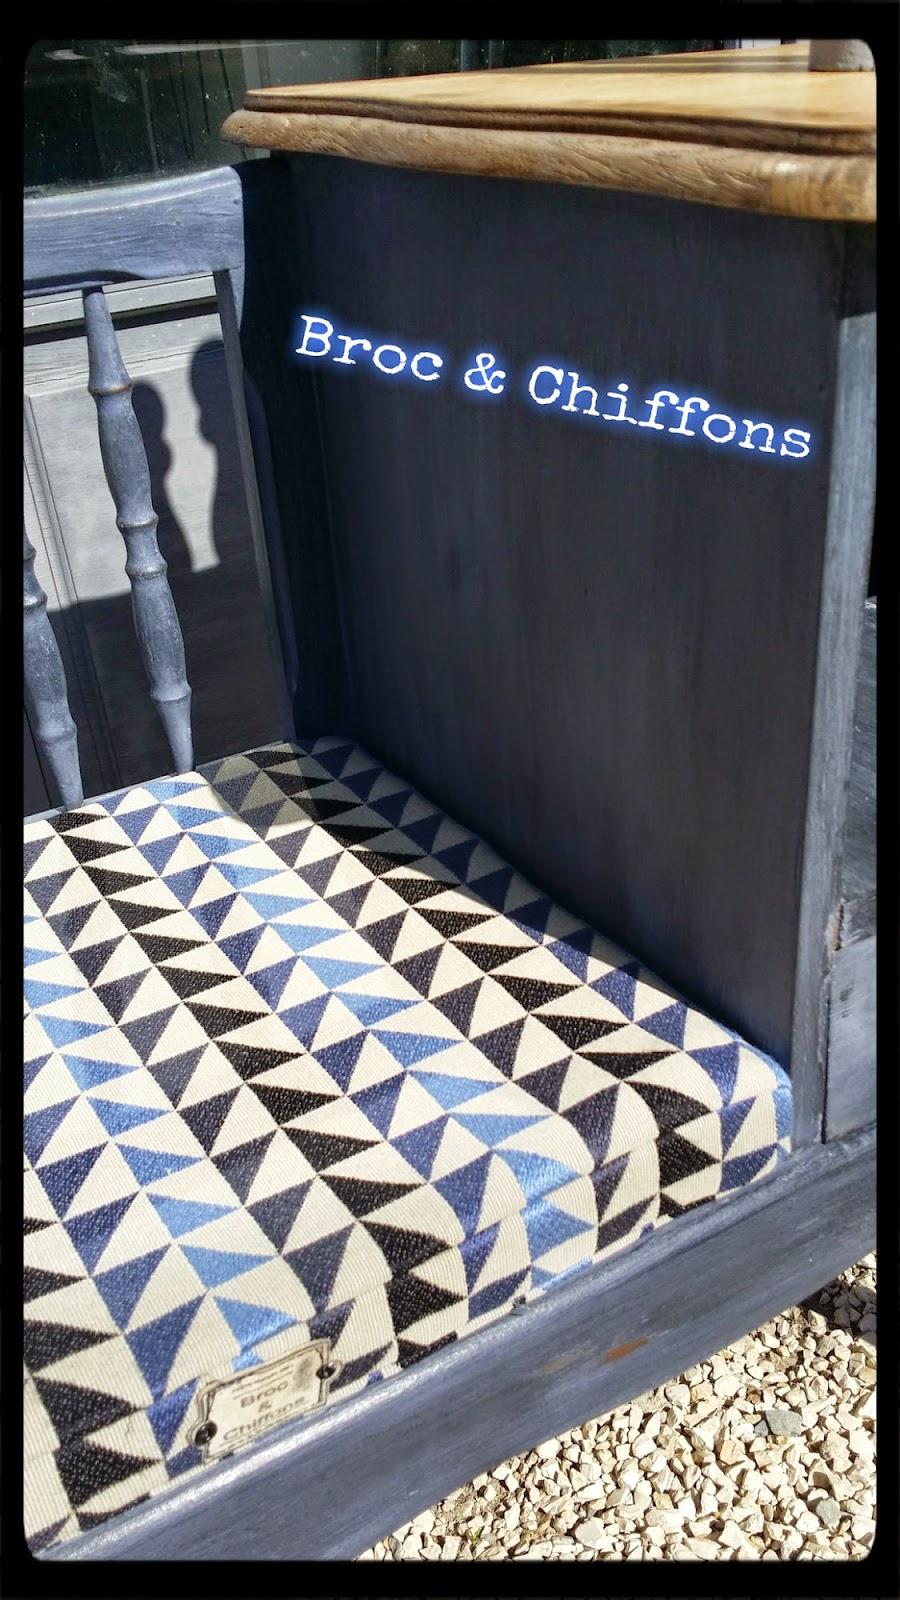 broc et chiffons relooking de meubles dans les deux s vres 79 patine l 39 ancienne patine bleu. Black Bedroom Furniture Sets. Home Design Ideas